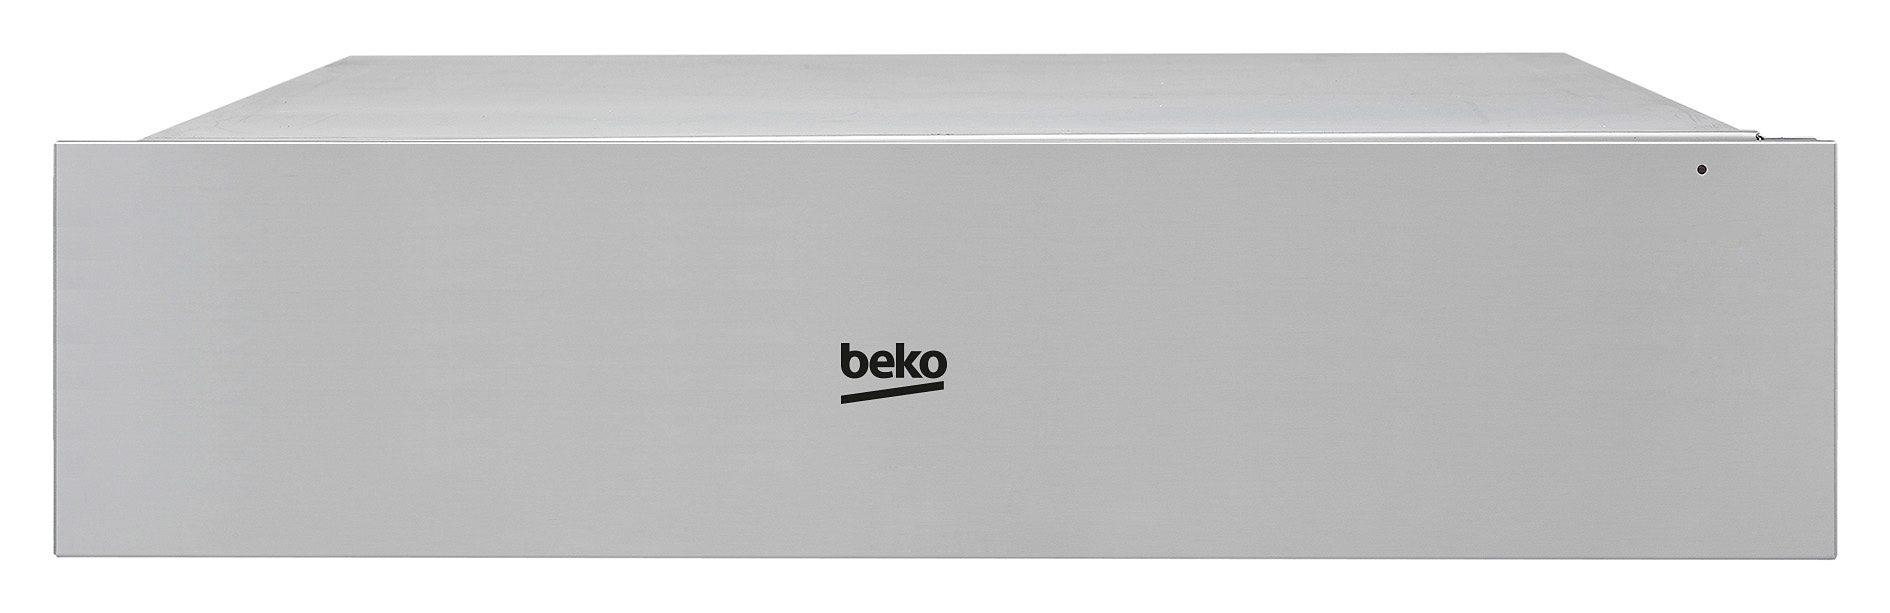 Beko Wärmeschublade DRW 11401 FX